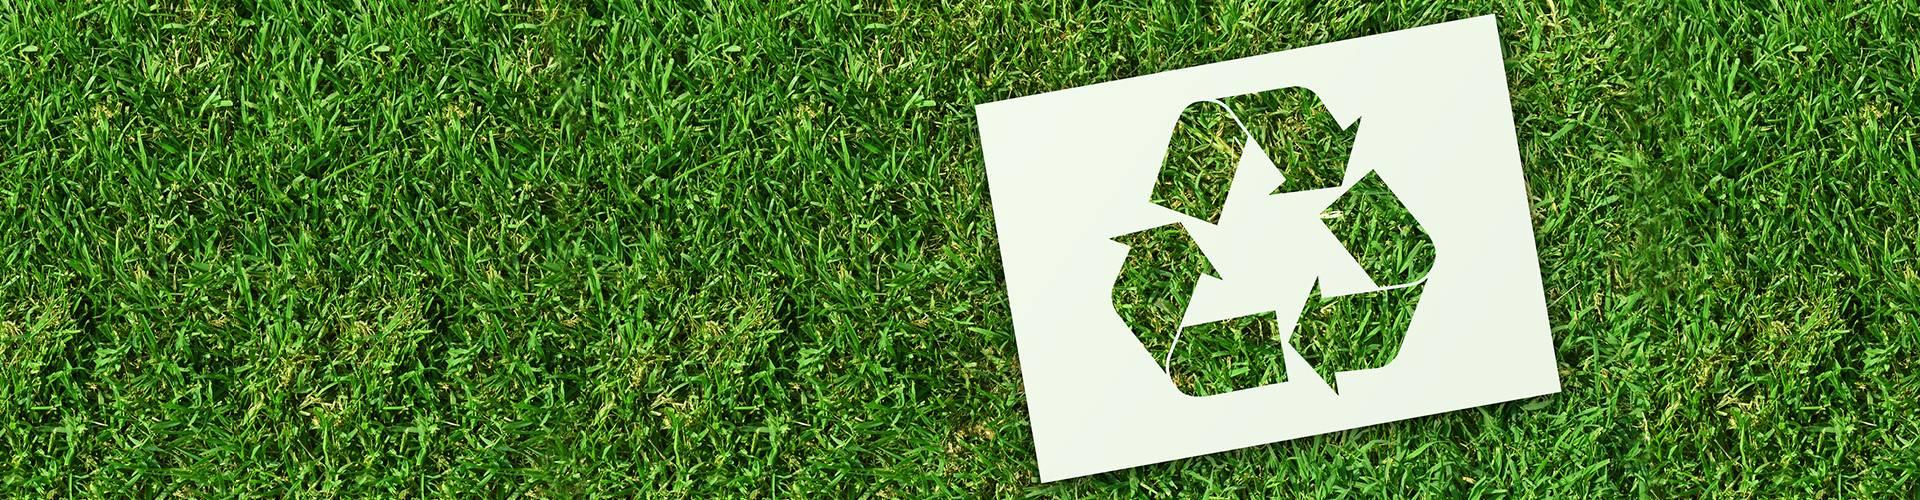 Znaczek recyklingu na trawie